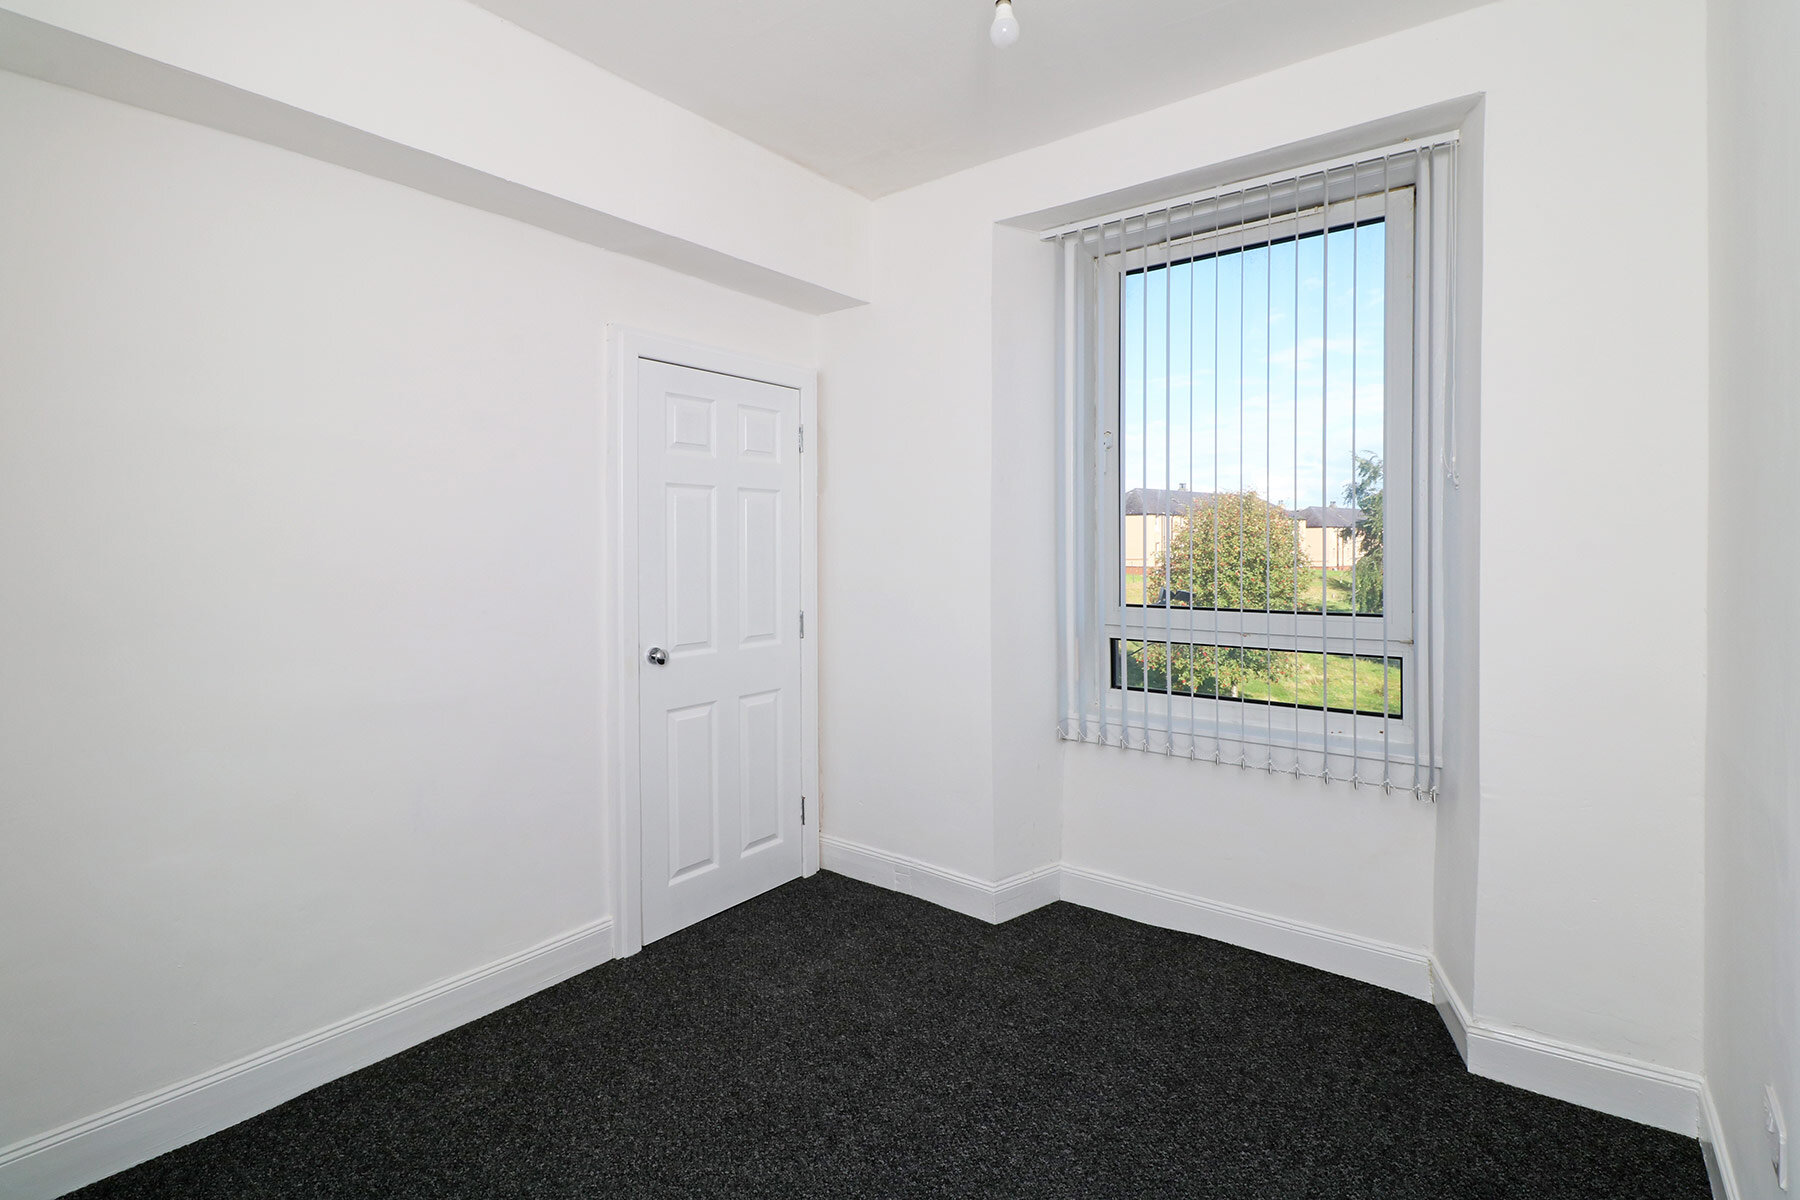 provost-road-after-bedroom-1.jpg